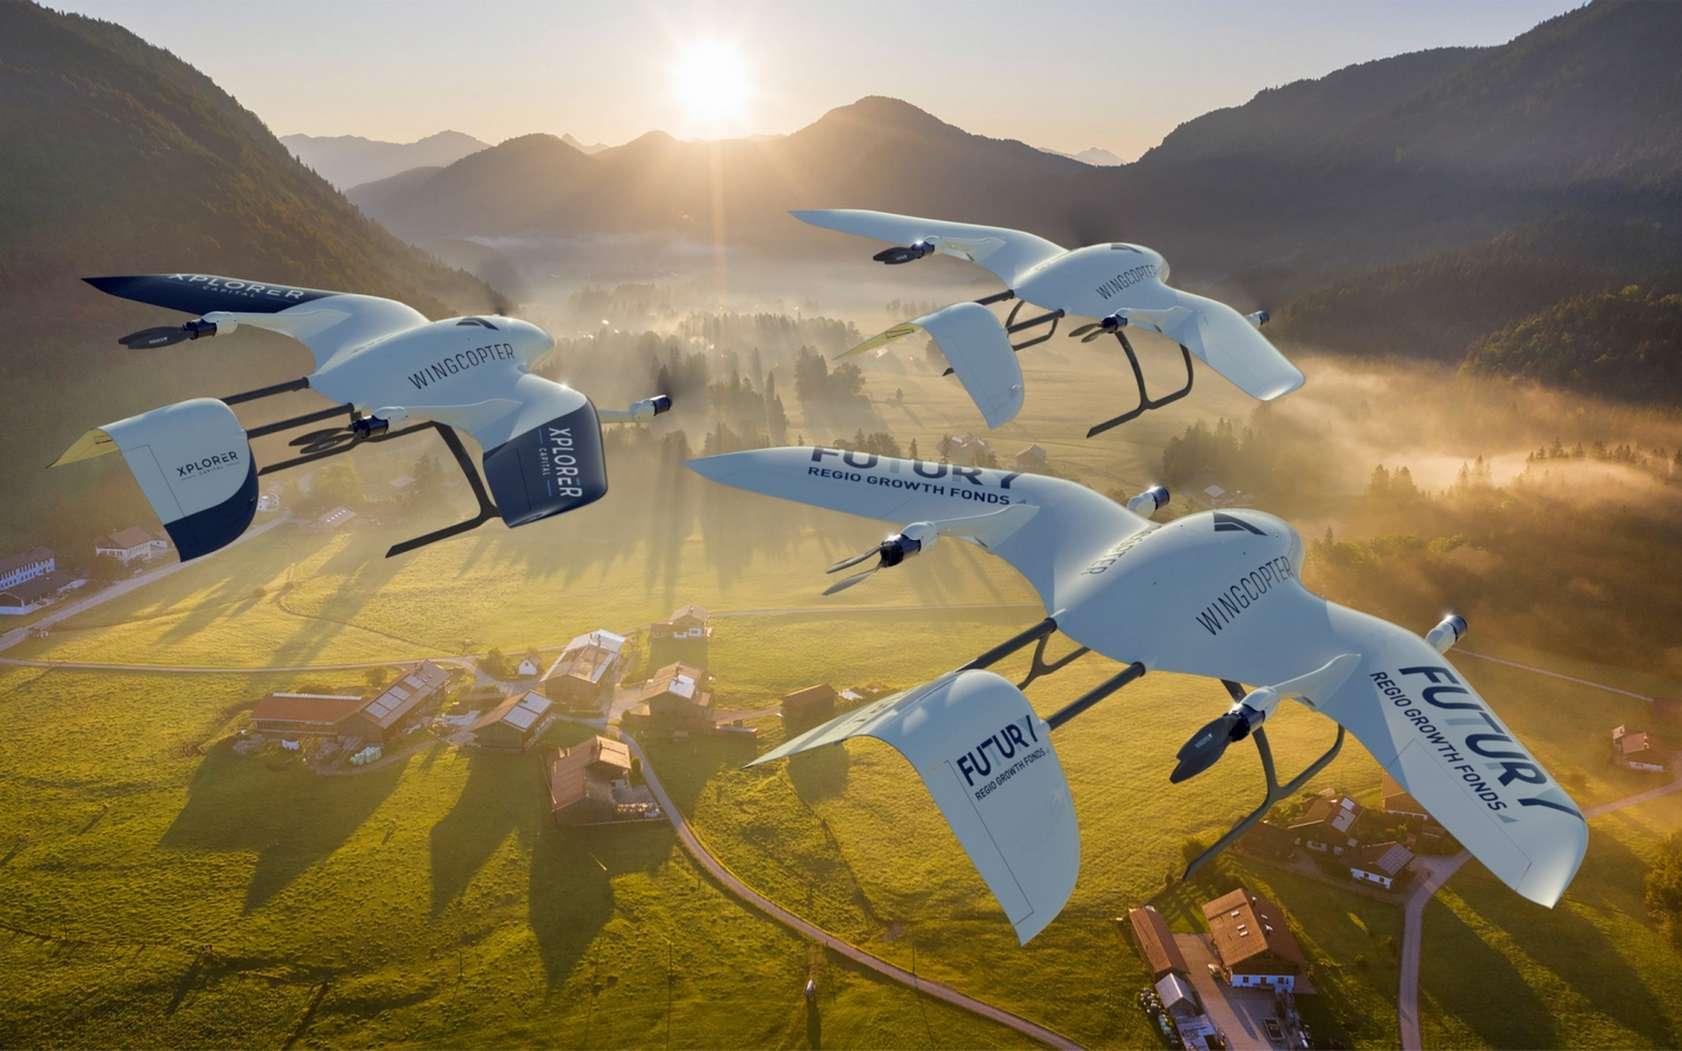 Le drone de livraison Wingcopter détient le record de vitesse de sa catégorie avec 240 km/h. © Wingcopter